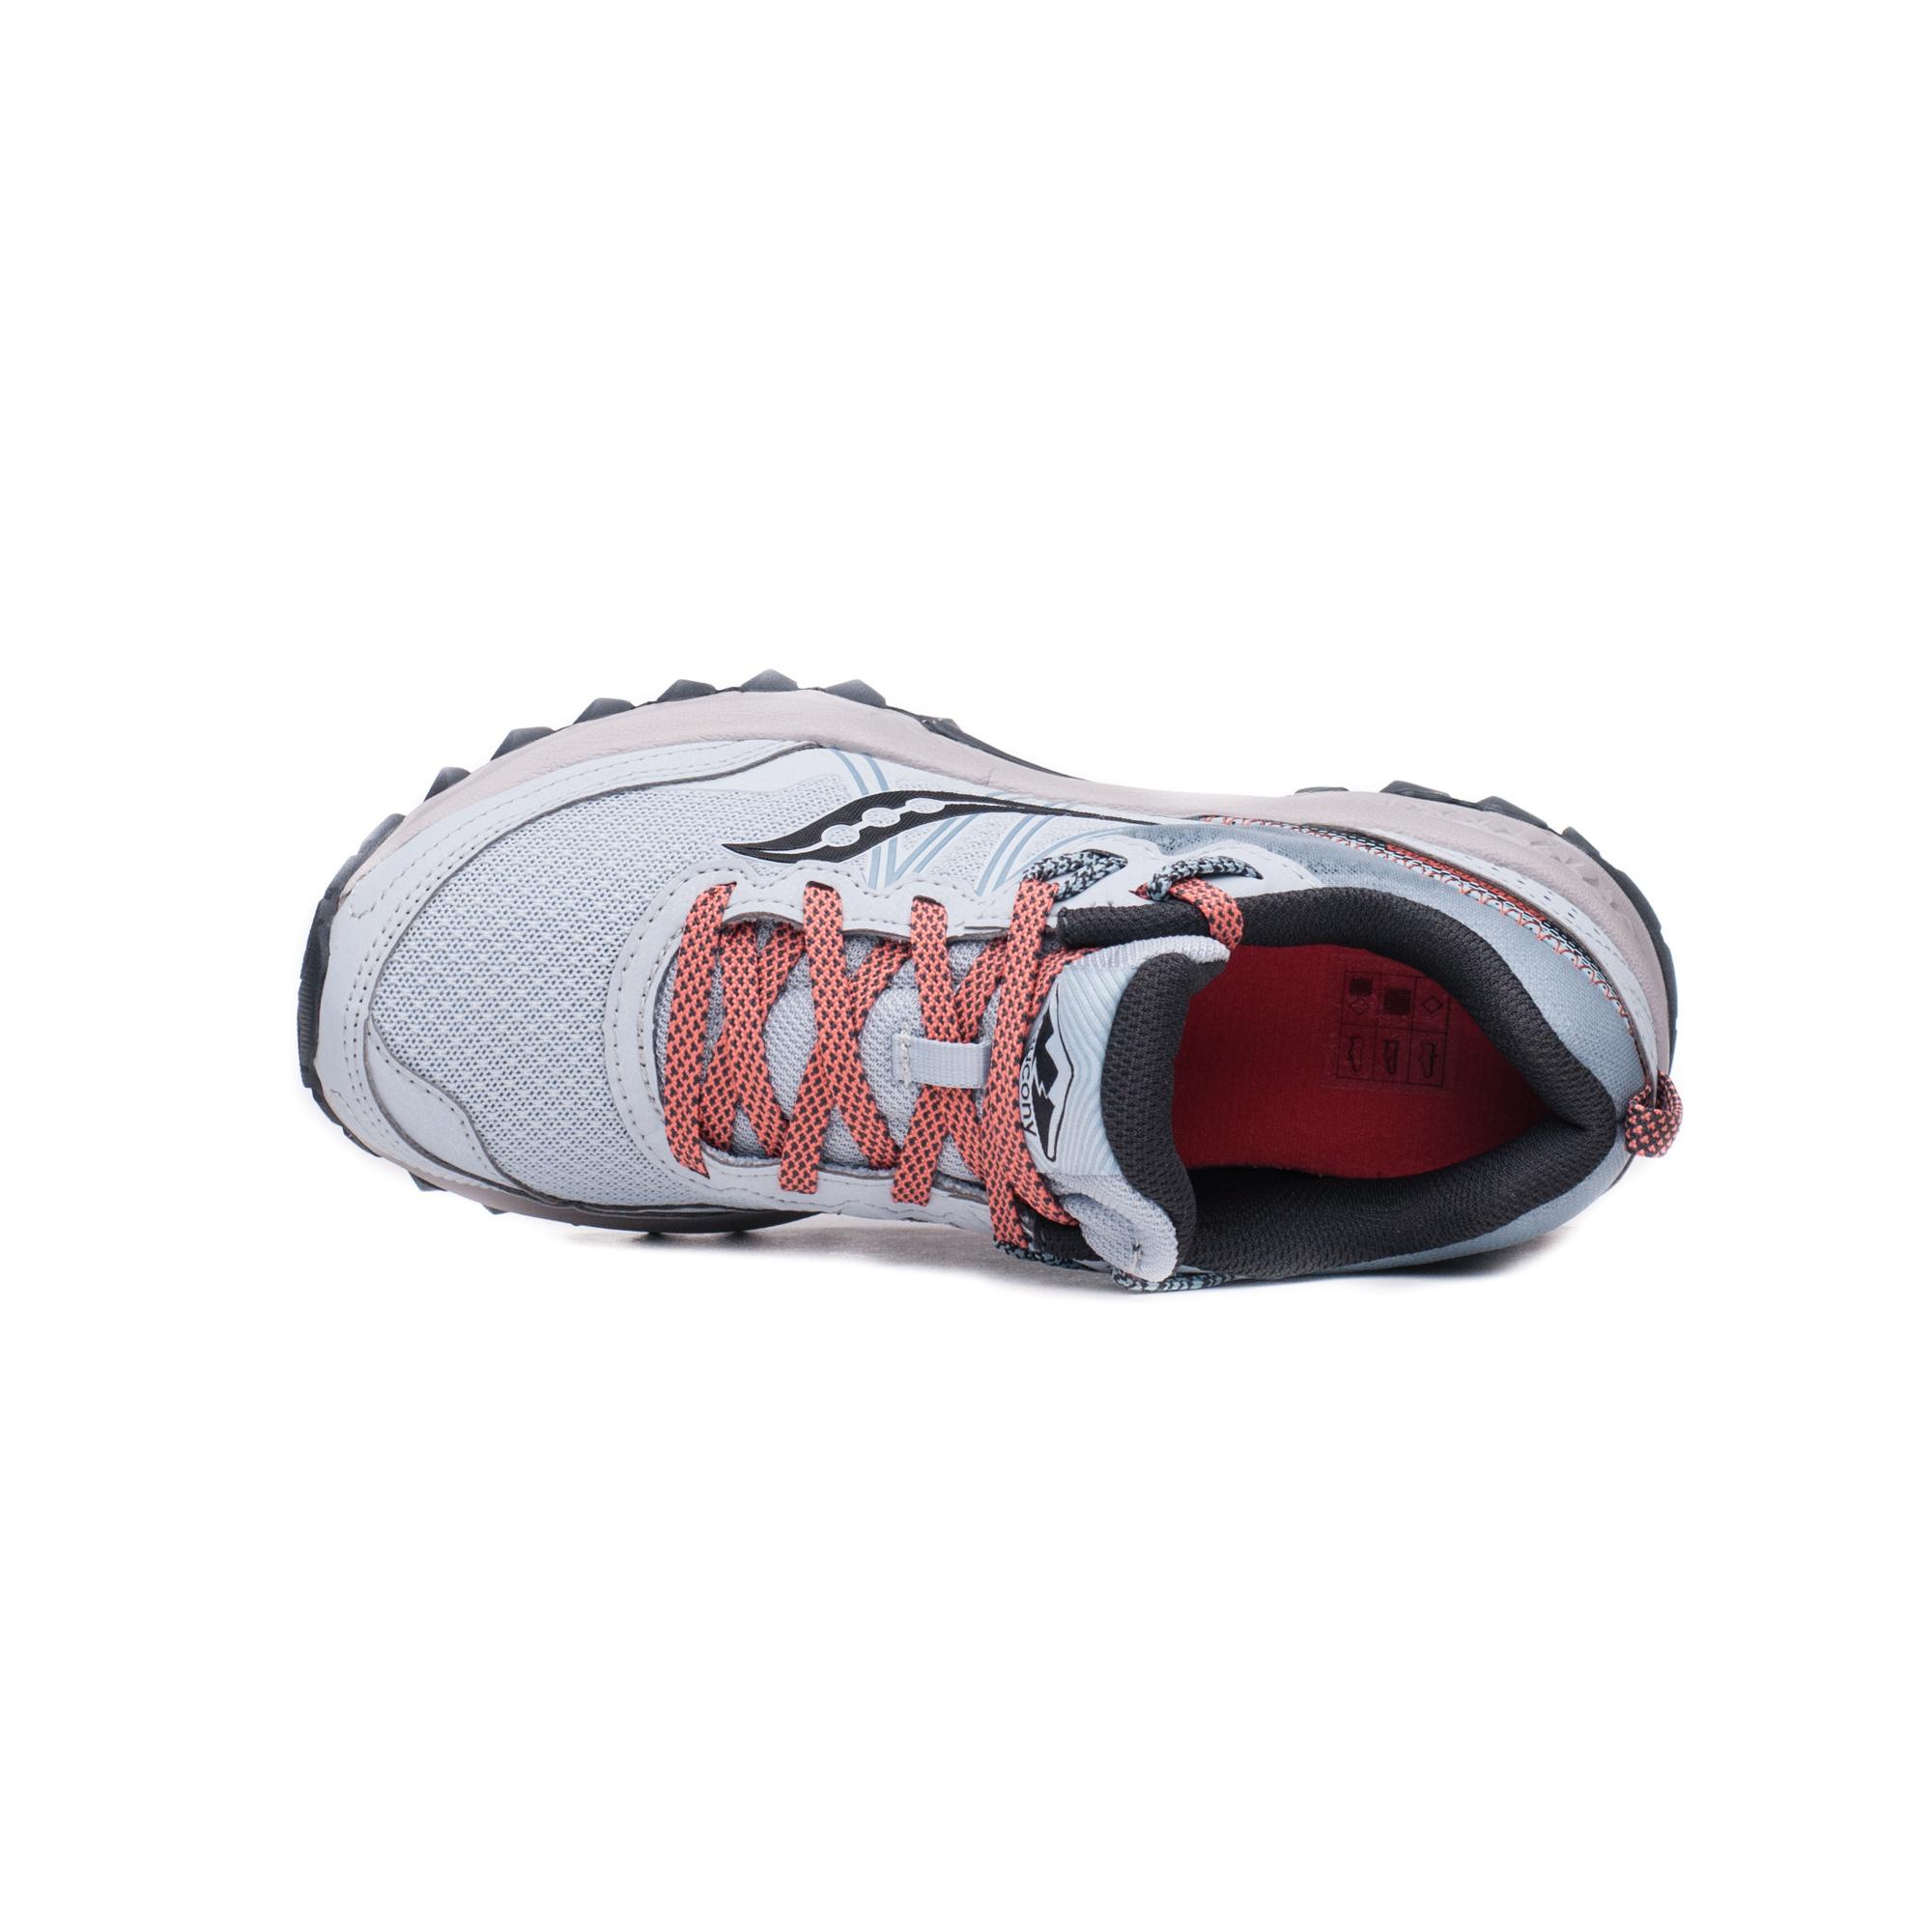 Кросівки жіночі Saucony EXCURSION TR14 для бігу